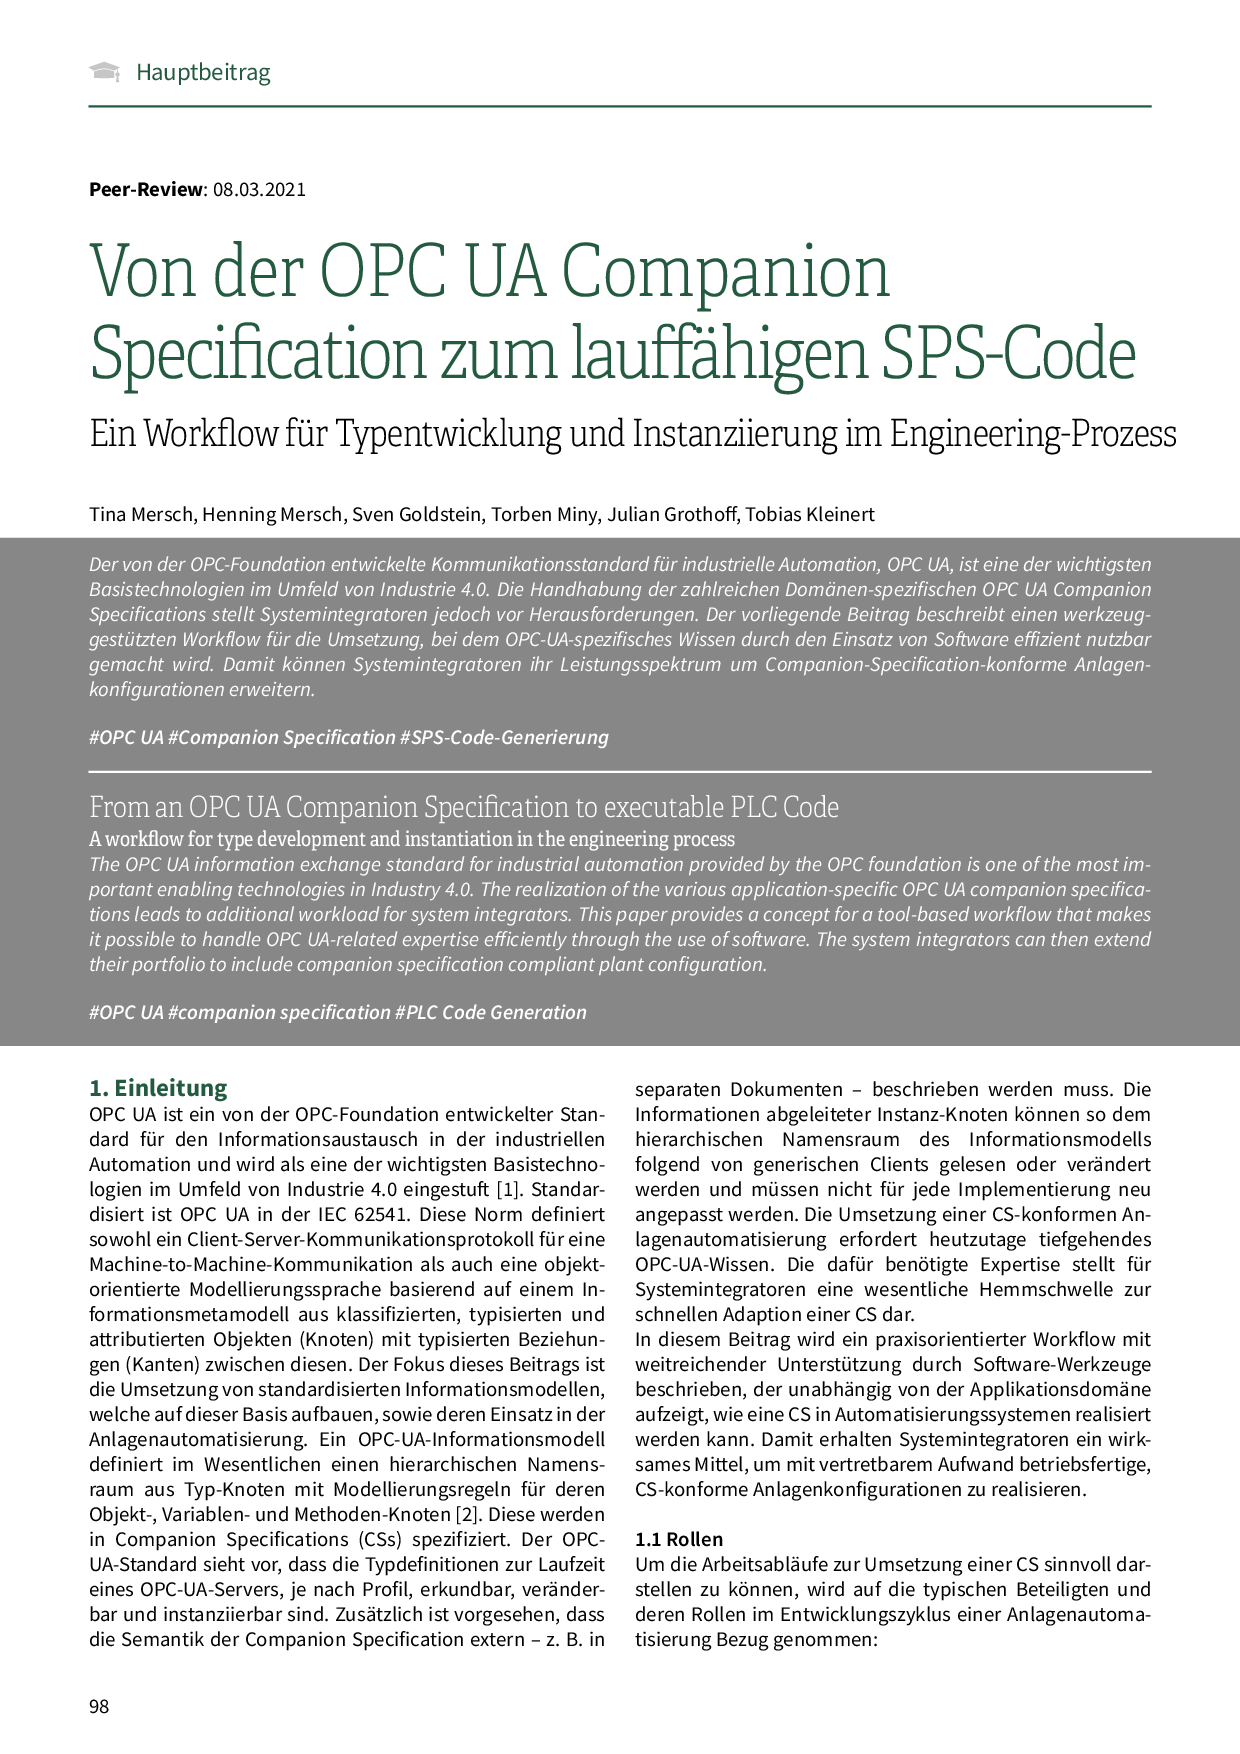 Von der OPC UA Companion Specification zum lauffähigen SPS-Code